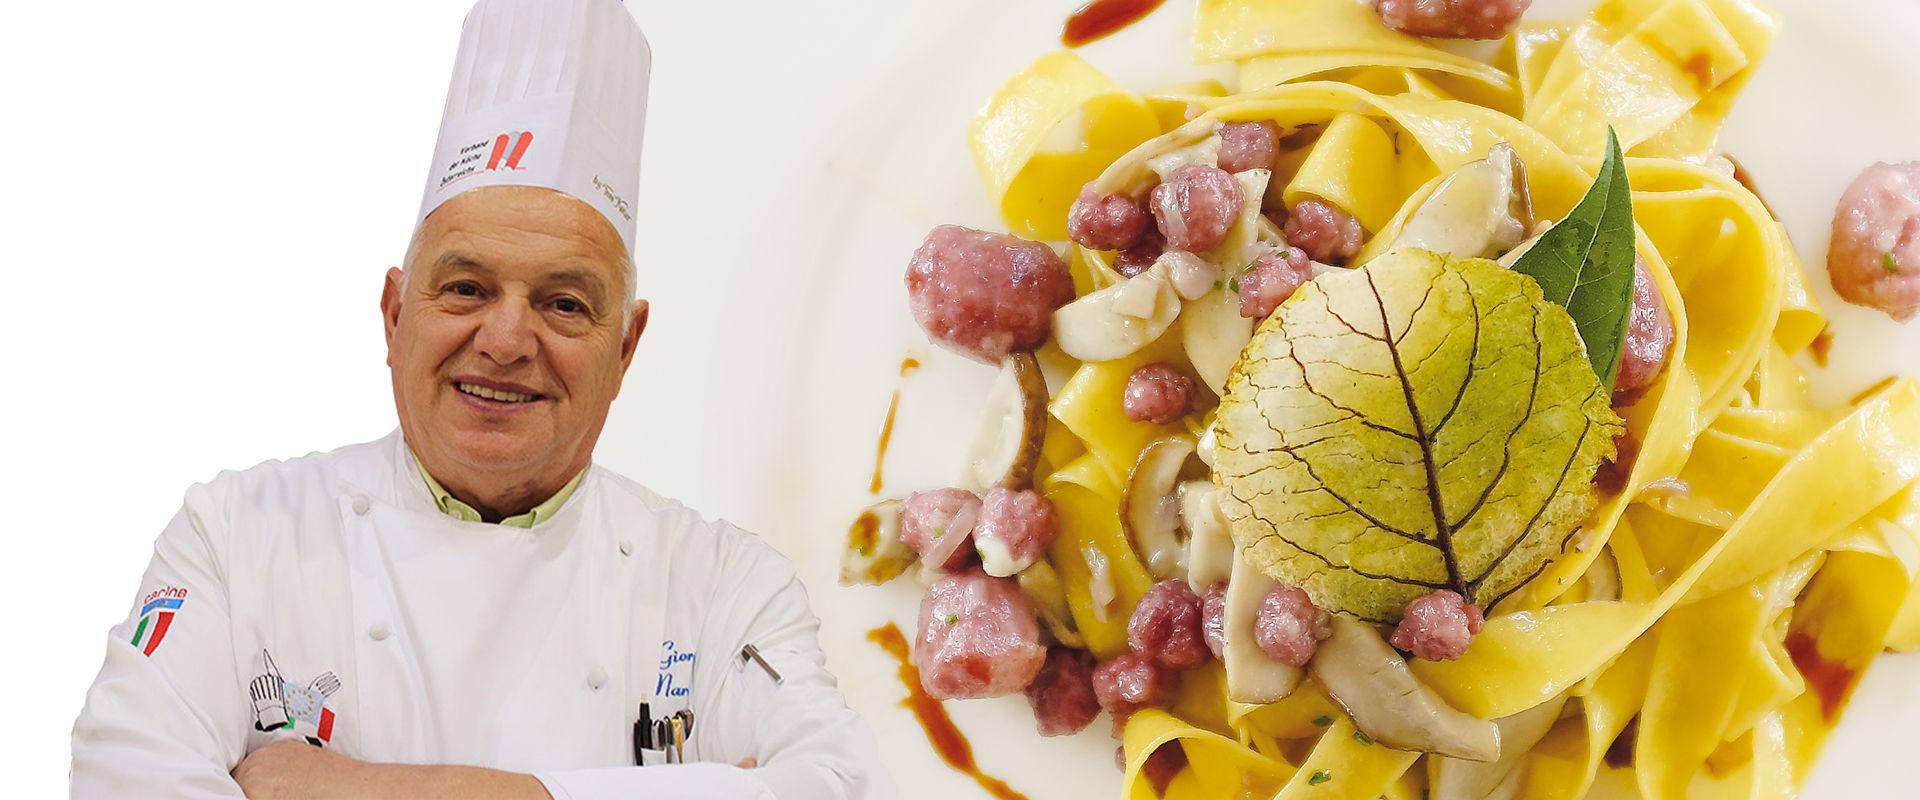 Ricette italiane pasta all'uovo secca